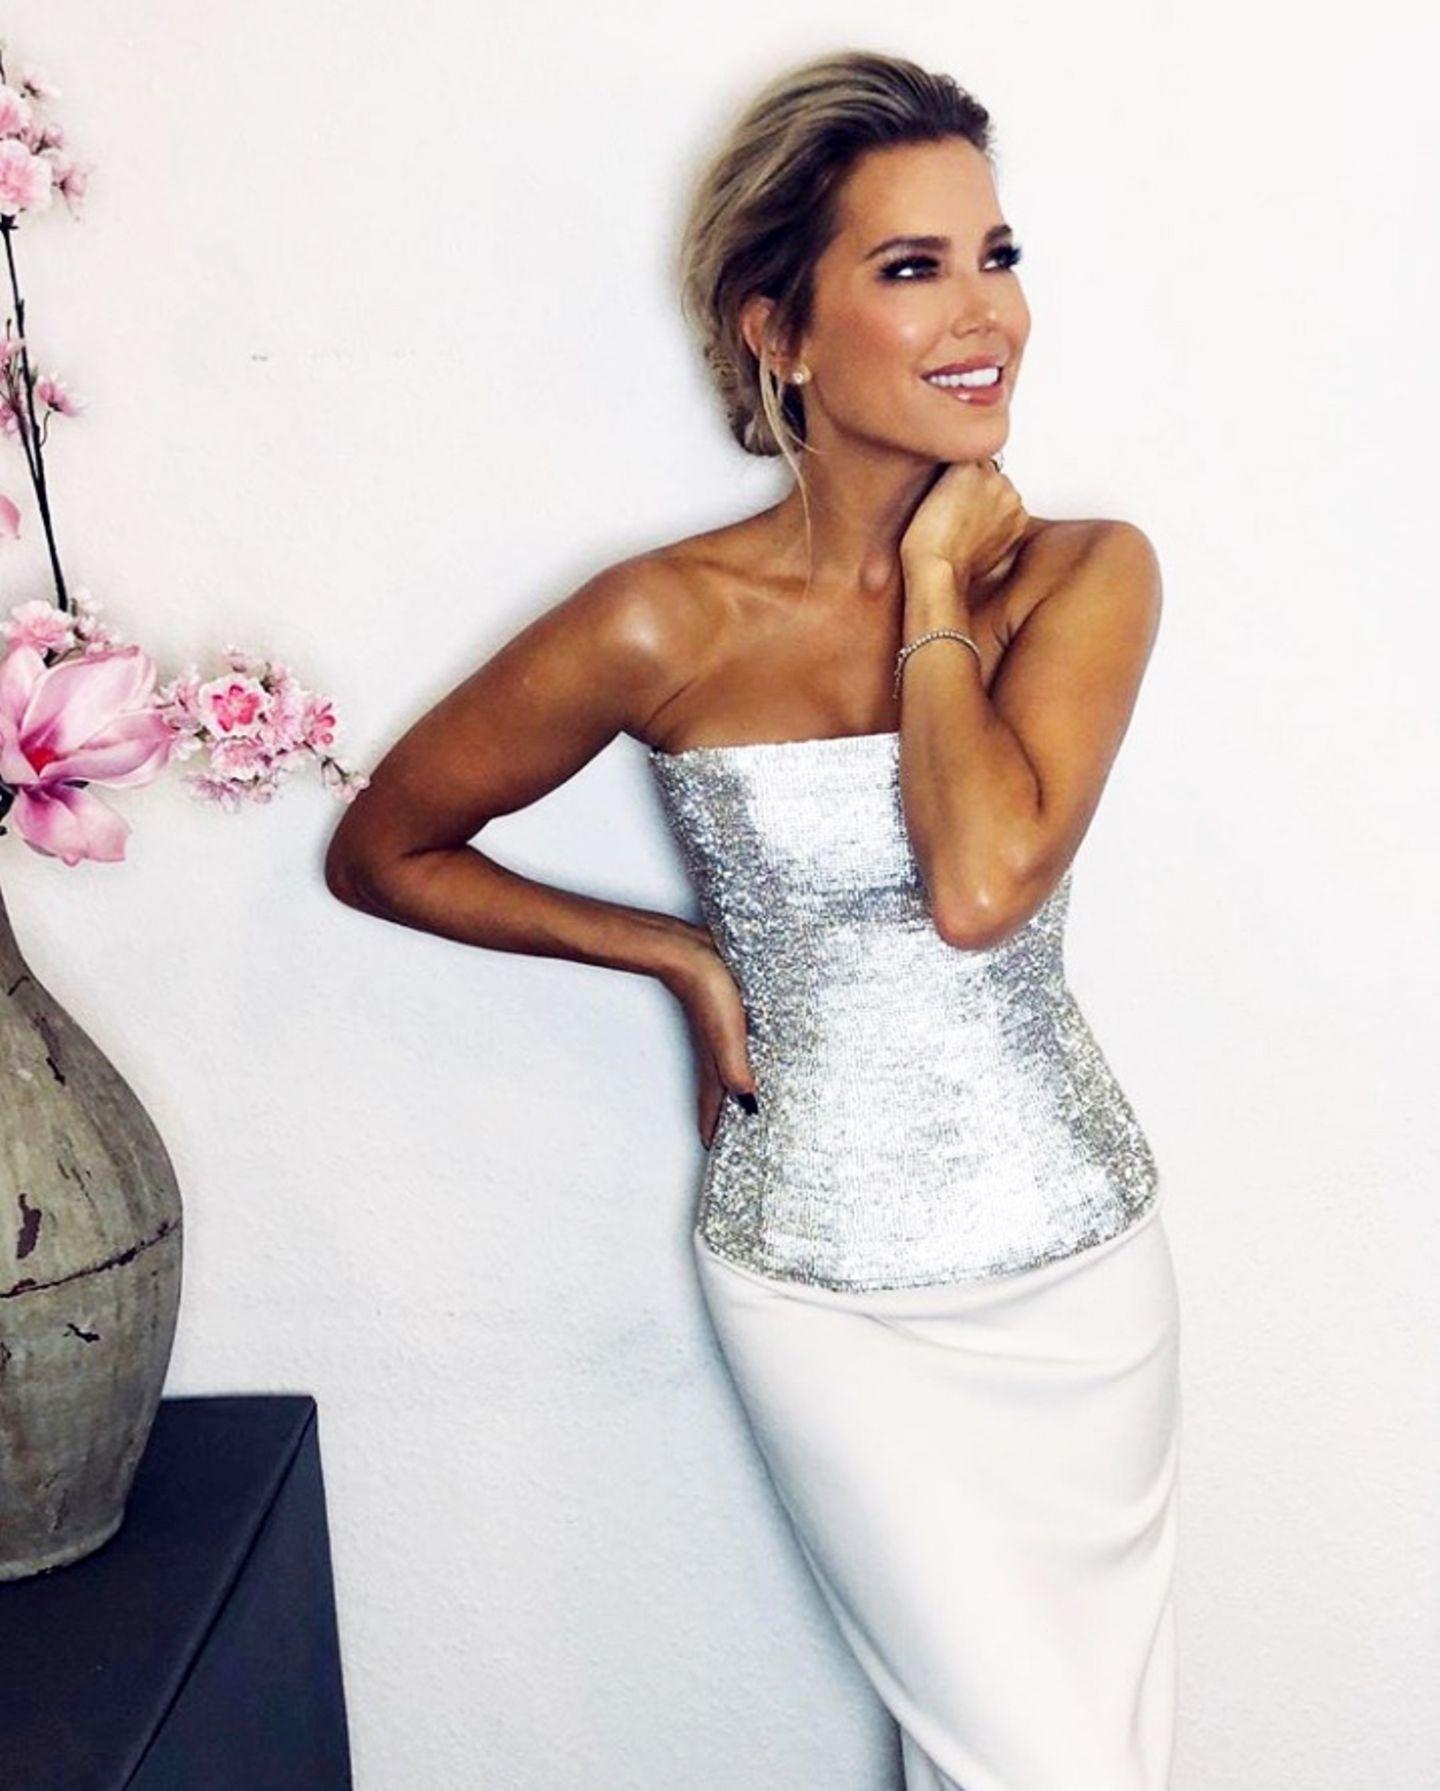 """Sylvie Meis strahlt mit ihren silbernen Pailletten um die Wette. Die sexy Korsage ist vom Label Lever Couture, der weiße, enge Rock von Amant Maitresse. Ein weiterer Look im Rahmen ihres Drehs für """"Das Supertalent""""."""